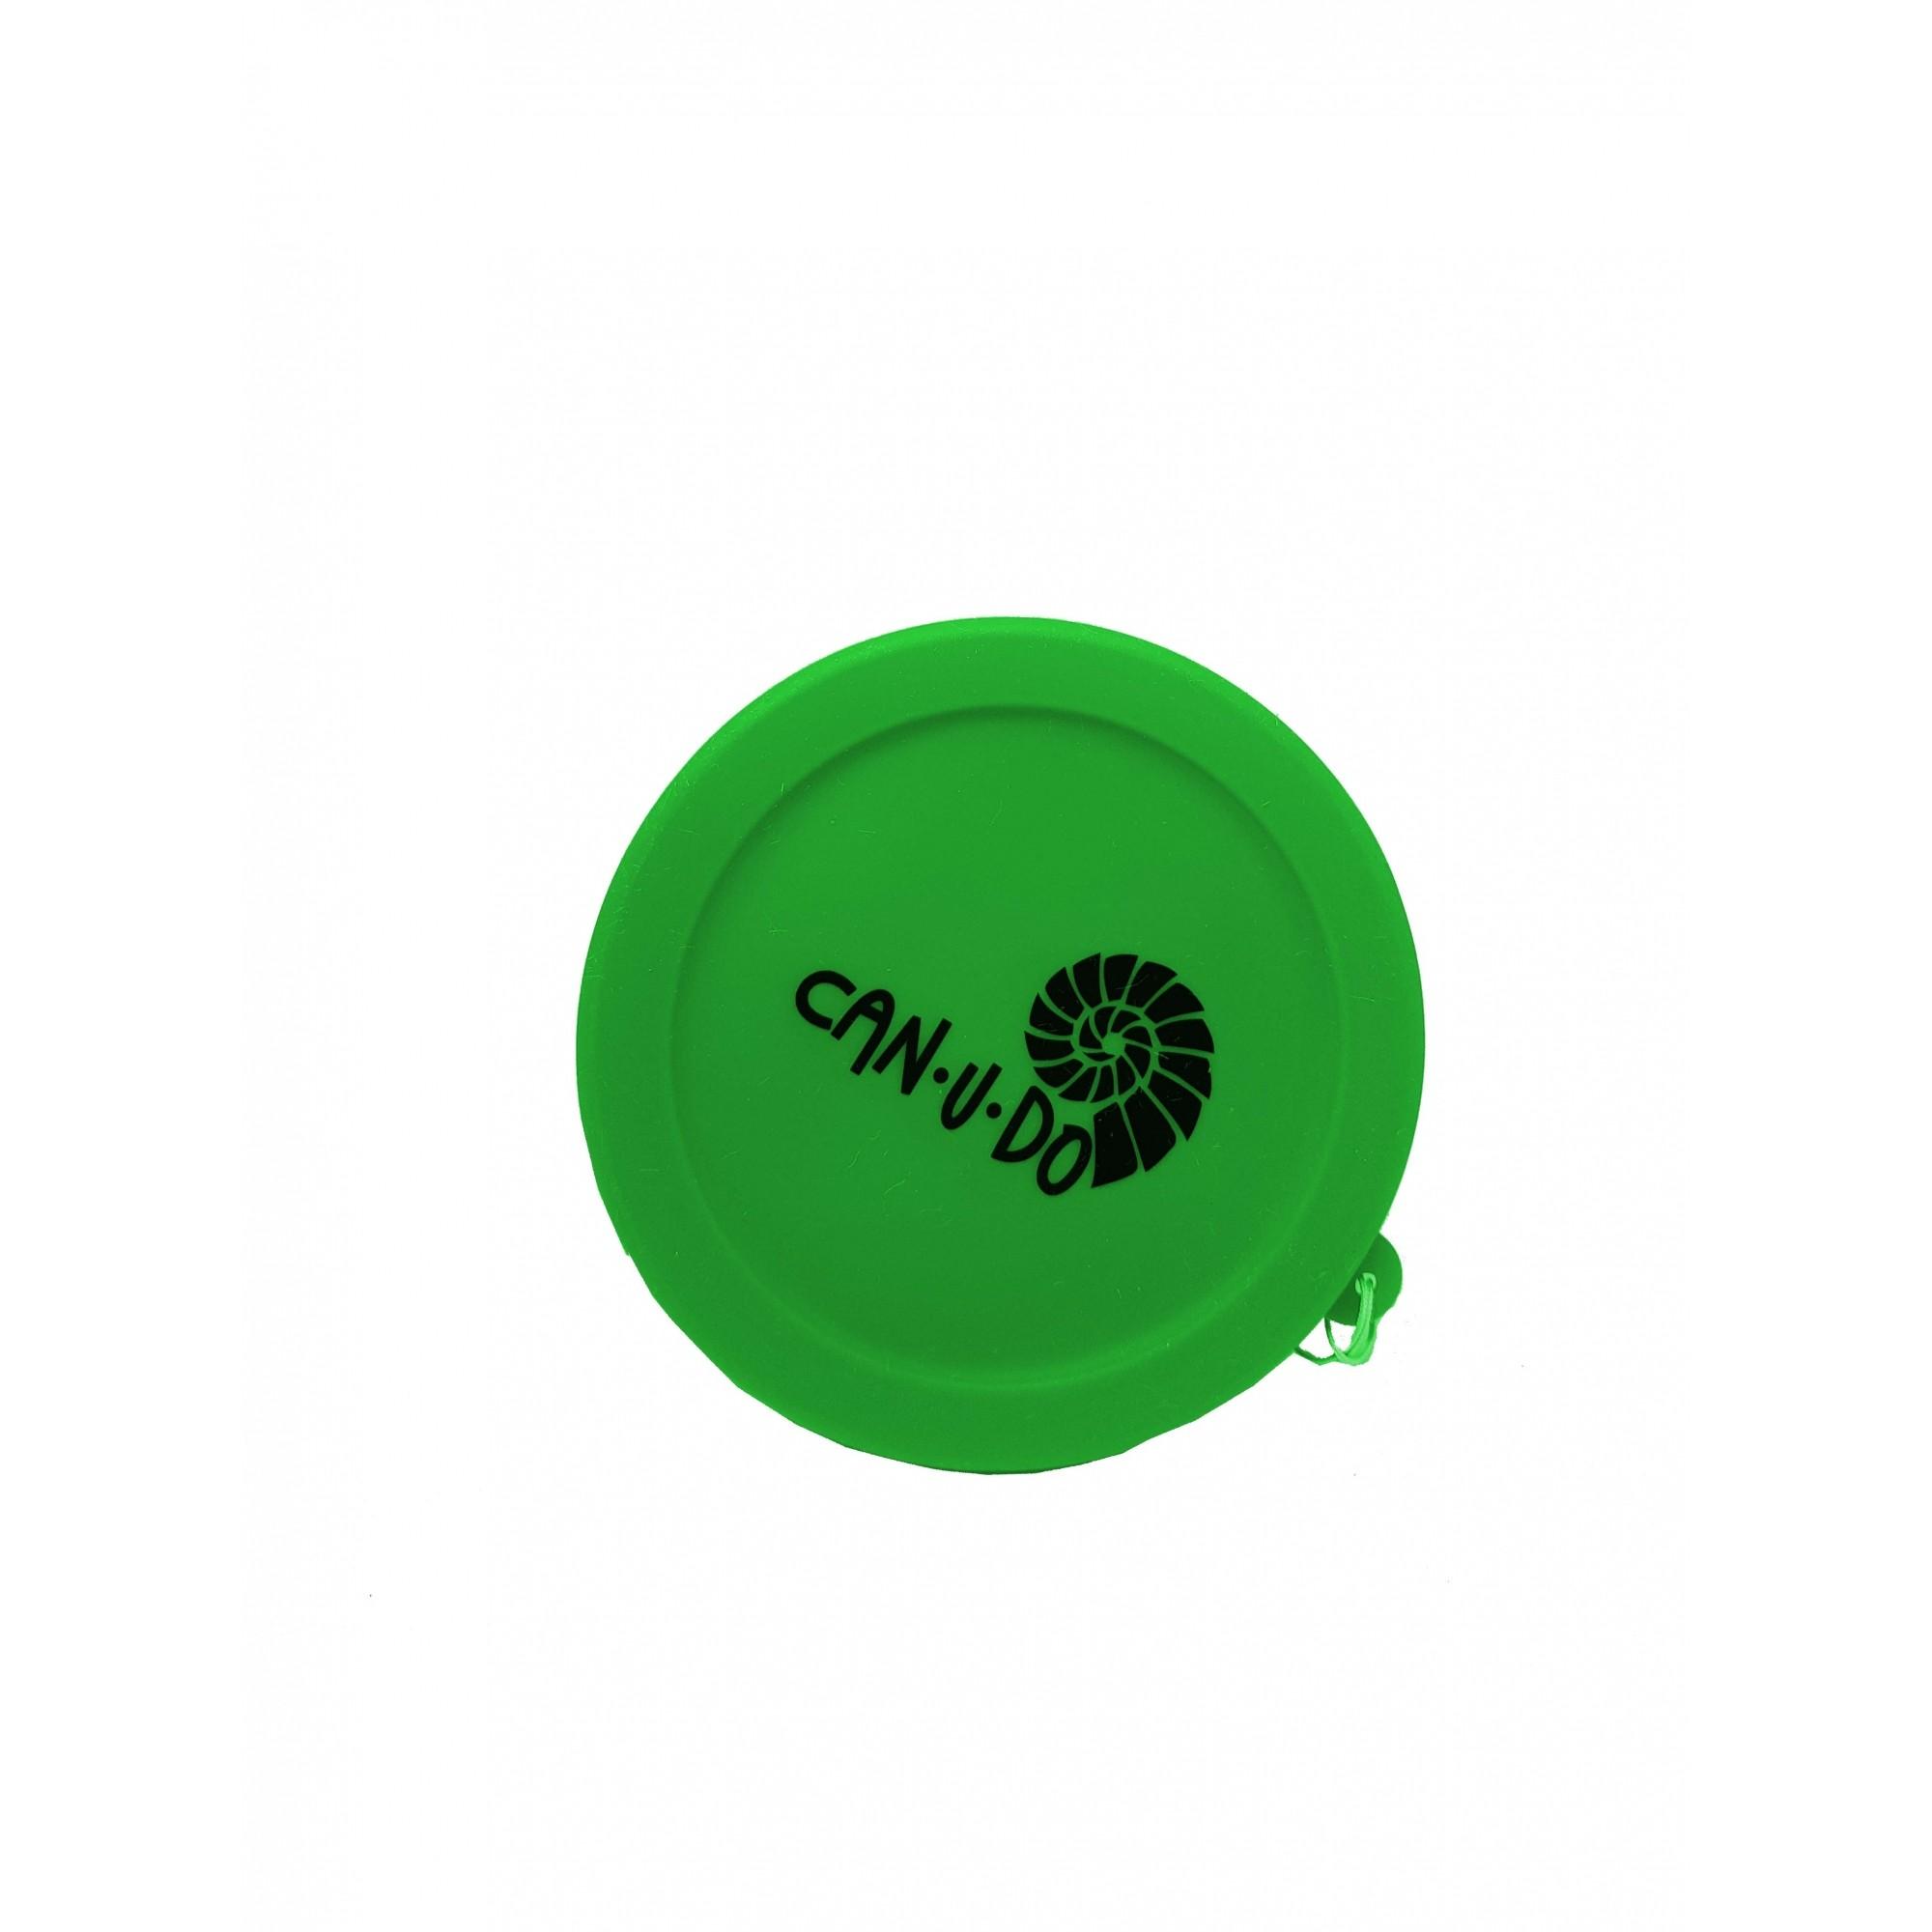 Kit Misto Inox + Copo Retrátil Verde